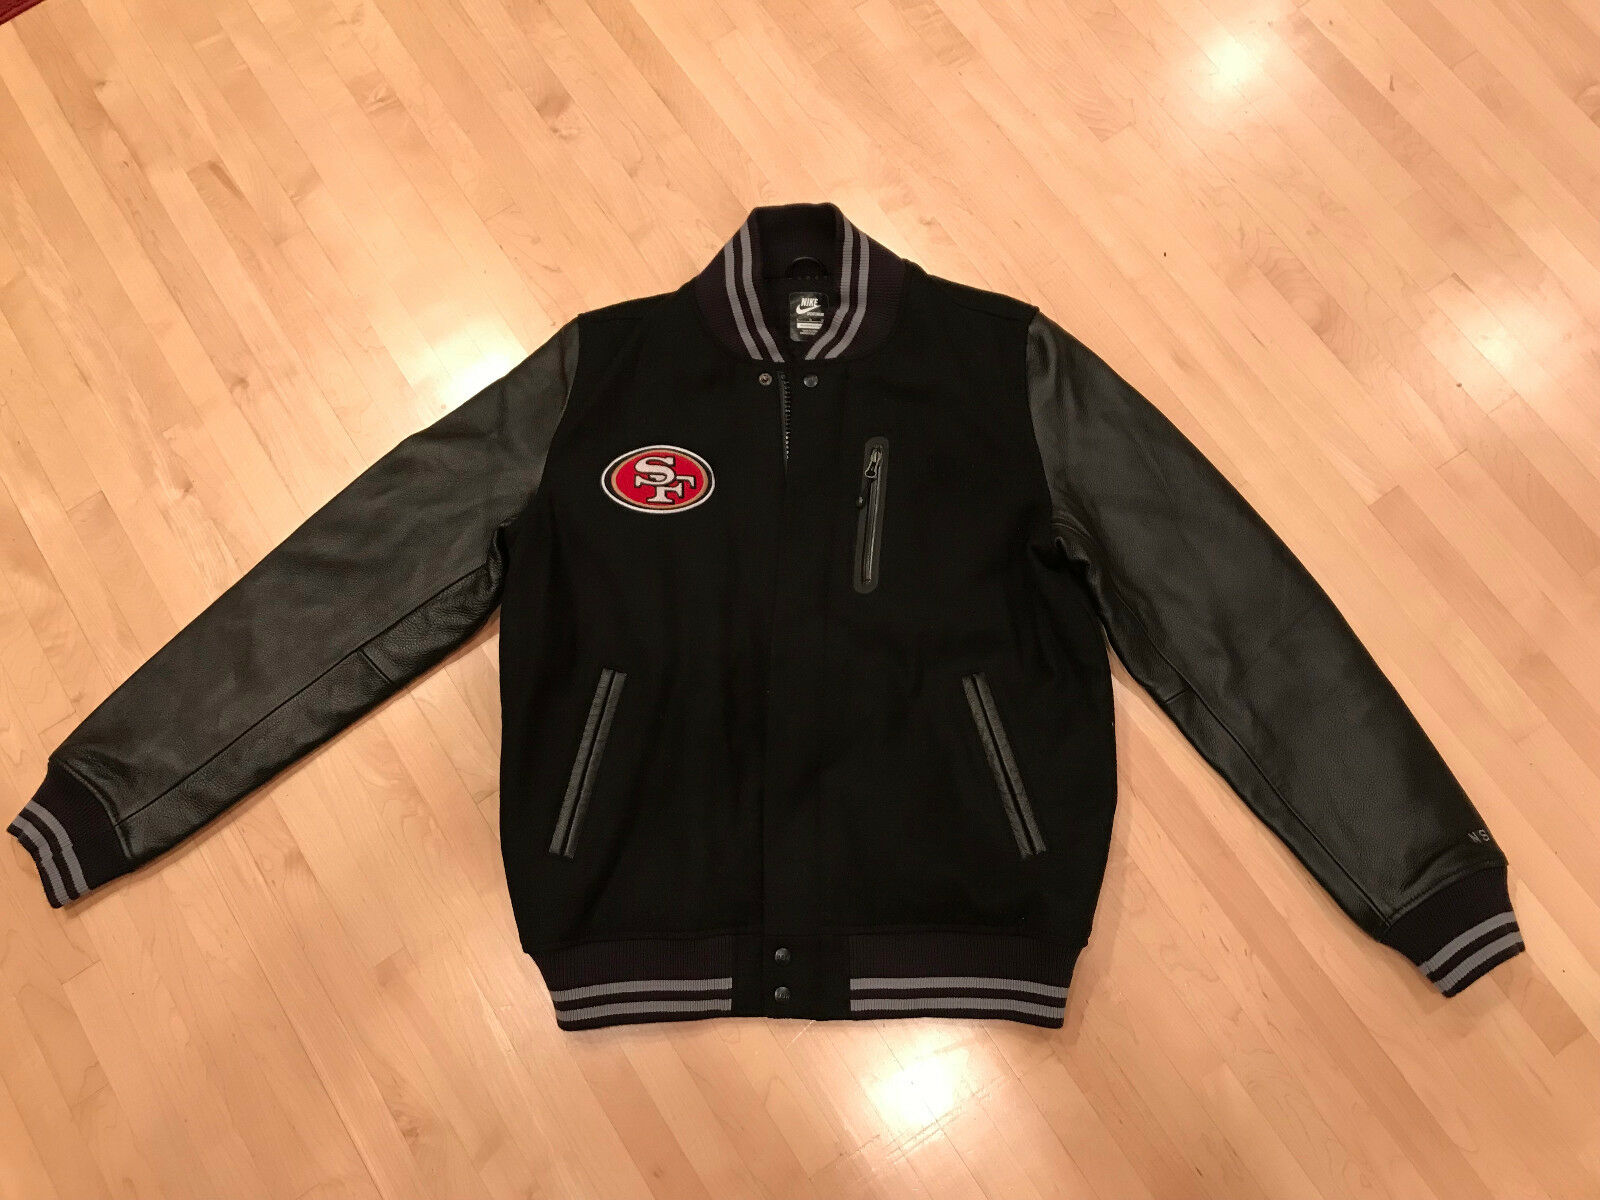 Nwot nike abbigliamento personalizzato dei san francisco 49ers distruttore / giubbotto (numero 1)